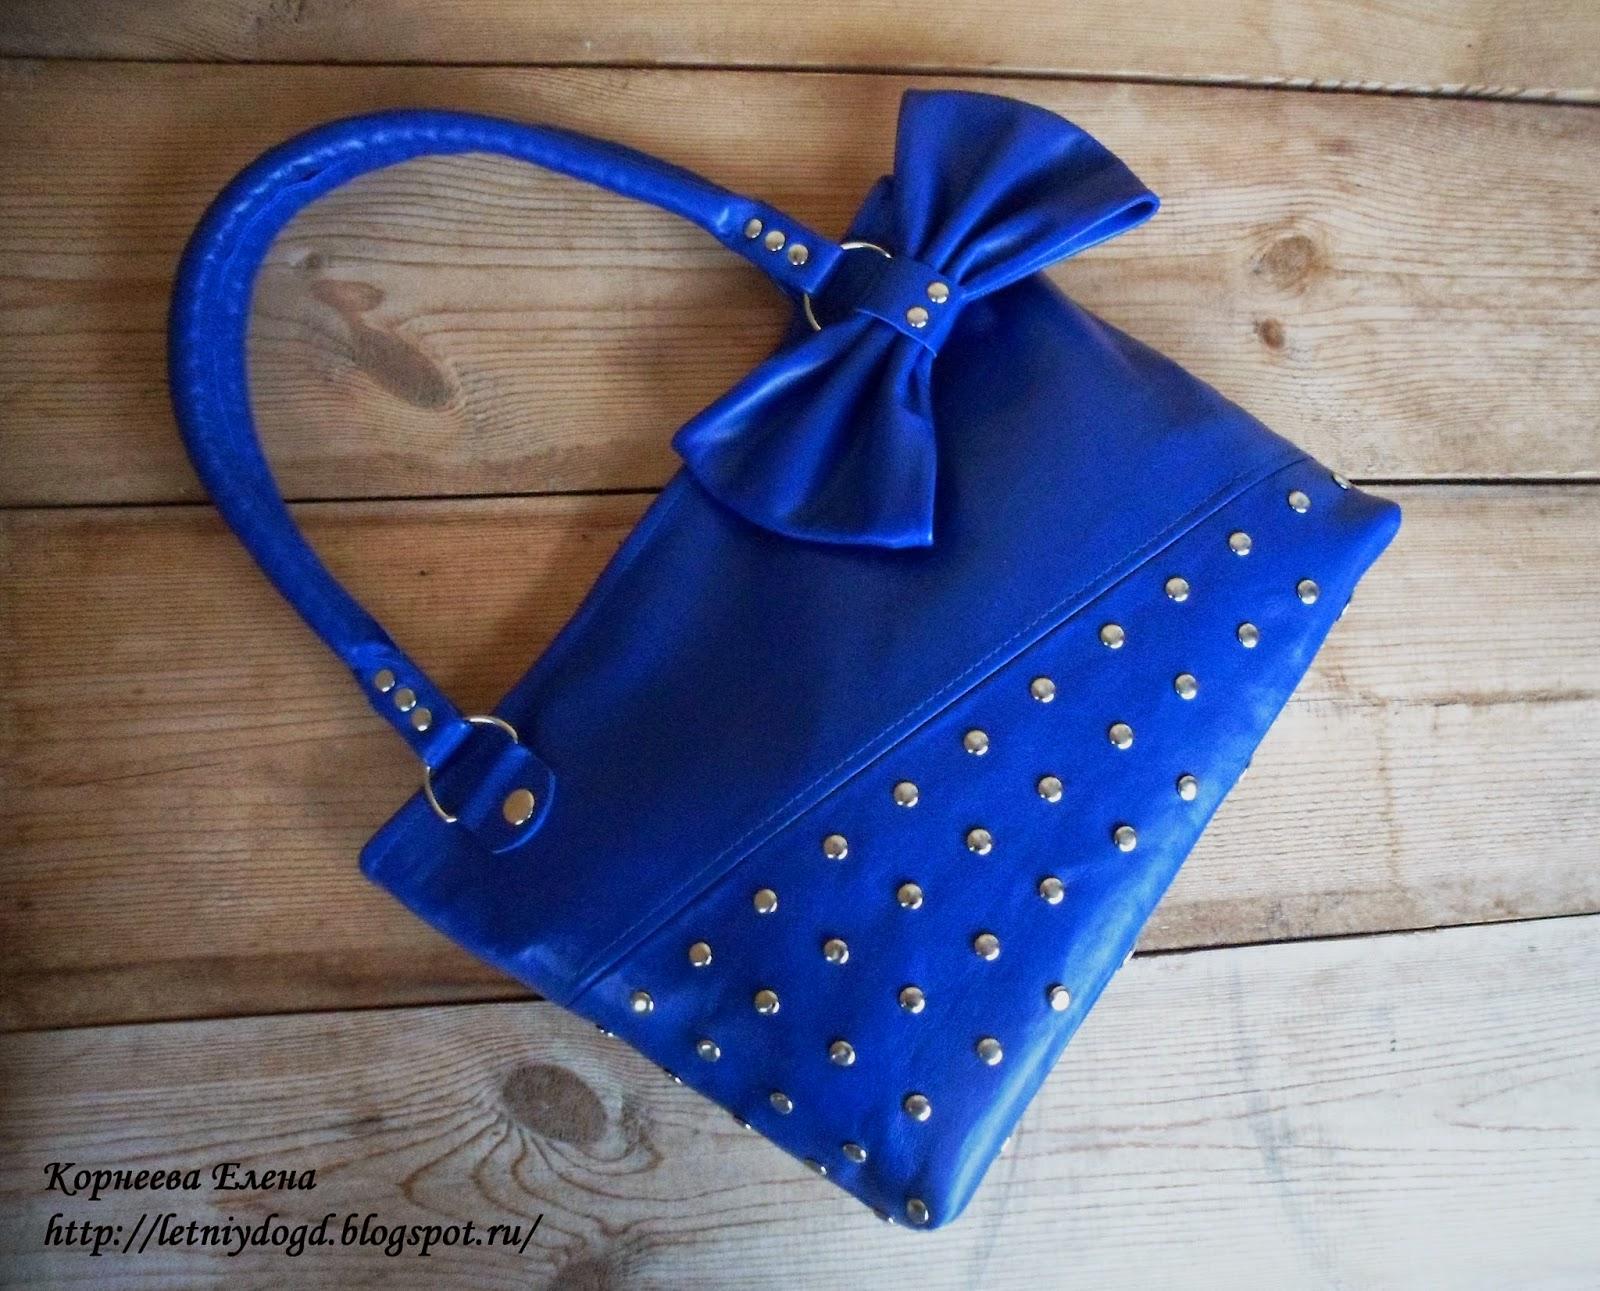 сумка женская из натуральной кожи синего цвета с бантом